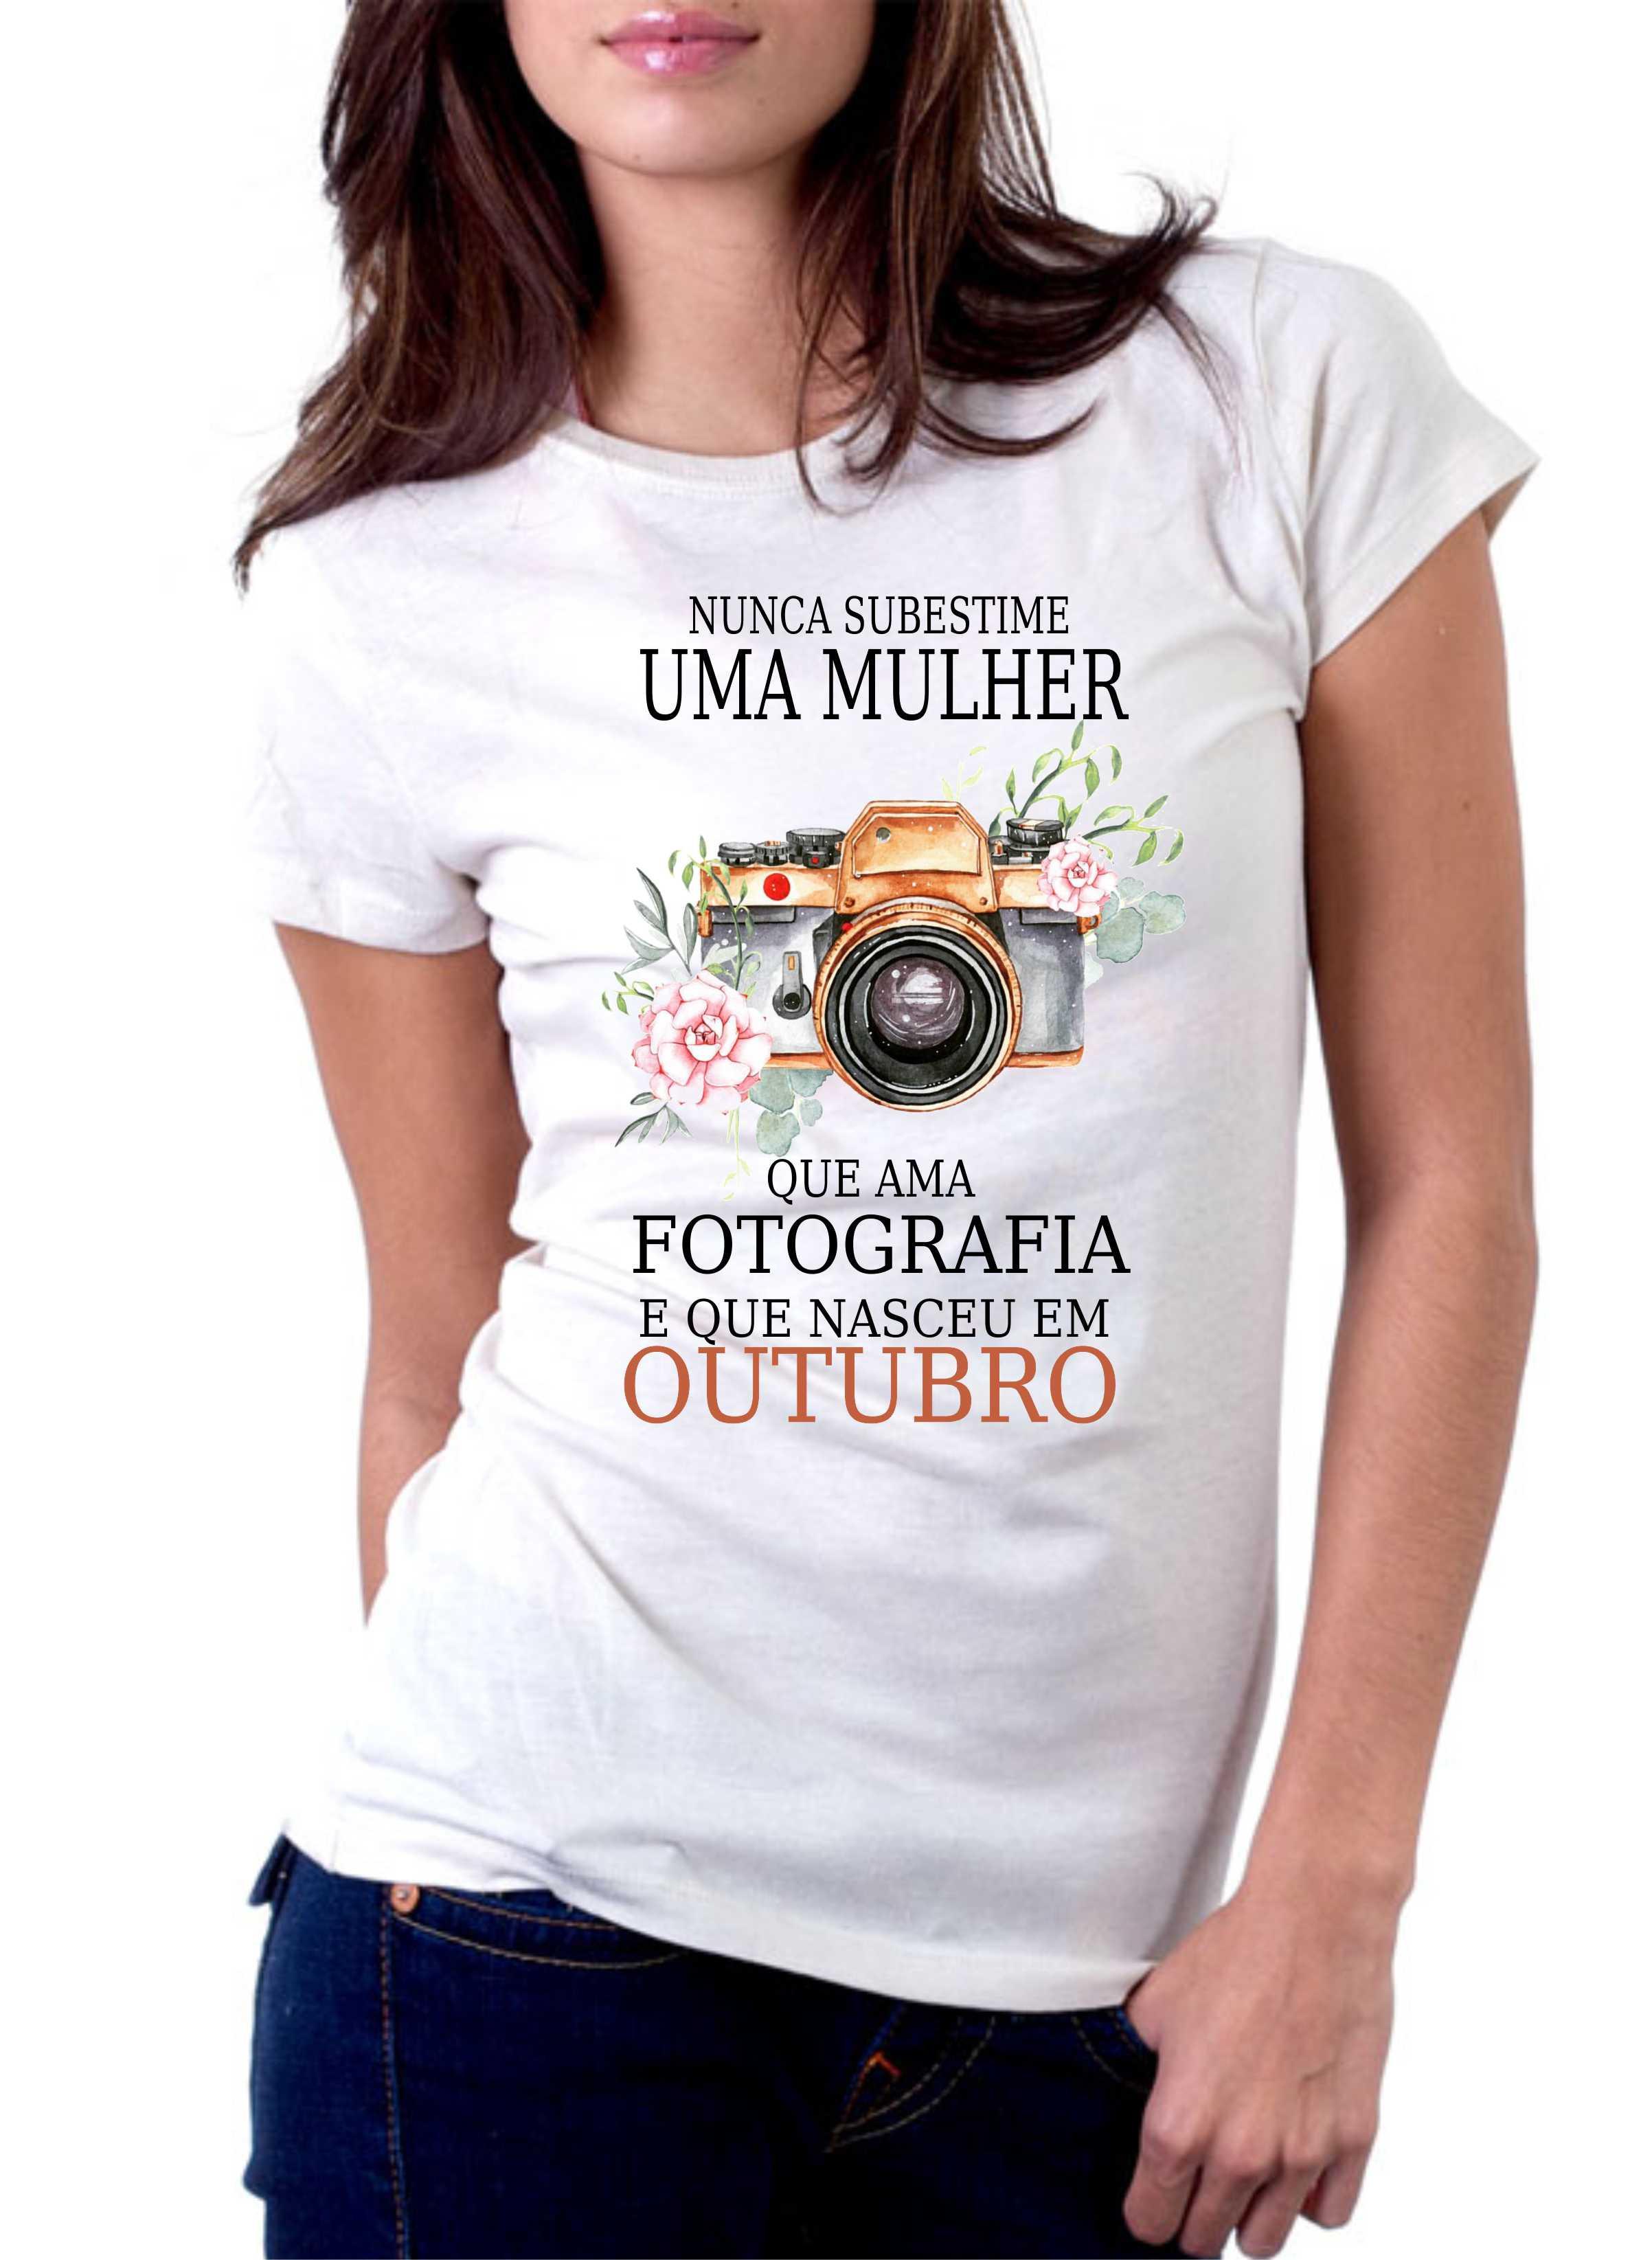 Camiseta Personalizada Nunca Subestime uma Mulher que Ama Fotografia